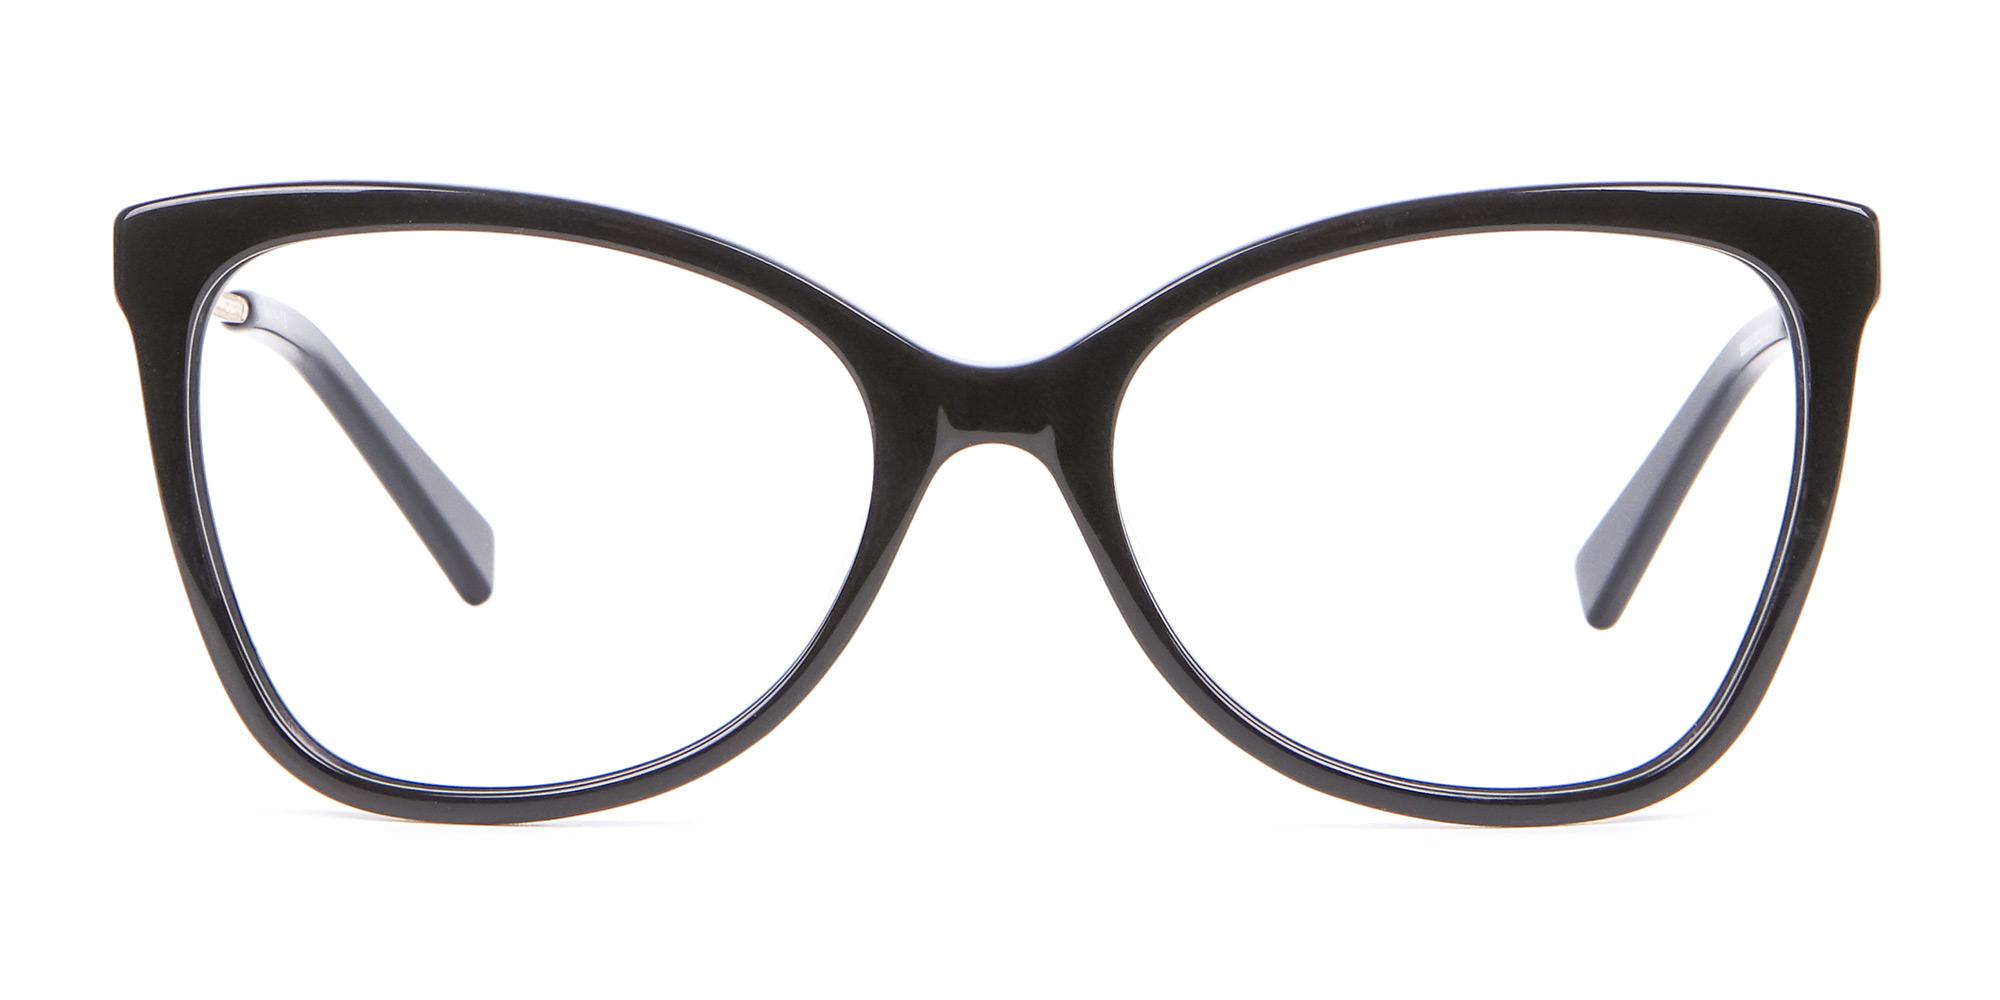 classic black cat eye glasses